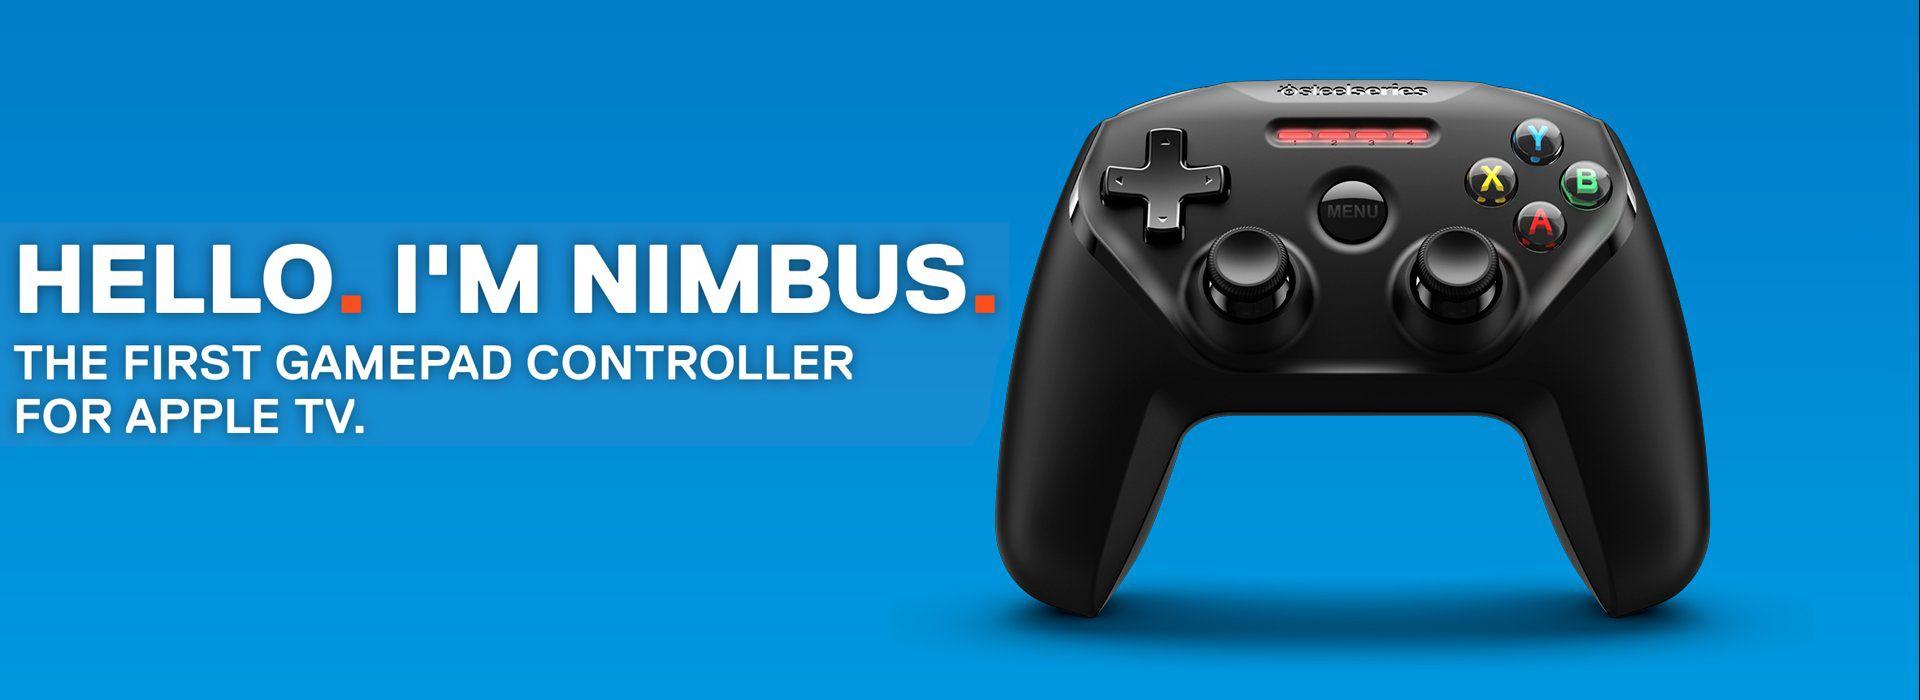 Nimbus: el primer gamepad diseñado para el nuevo Apple TV - http://www.esmandau.com/176025/nimbus-el-primer-gamepad-disenado-para-el-nuevo-apple-tv/